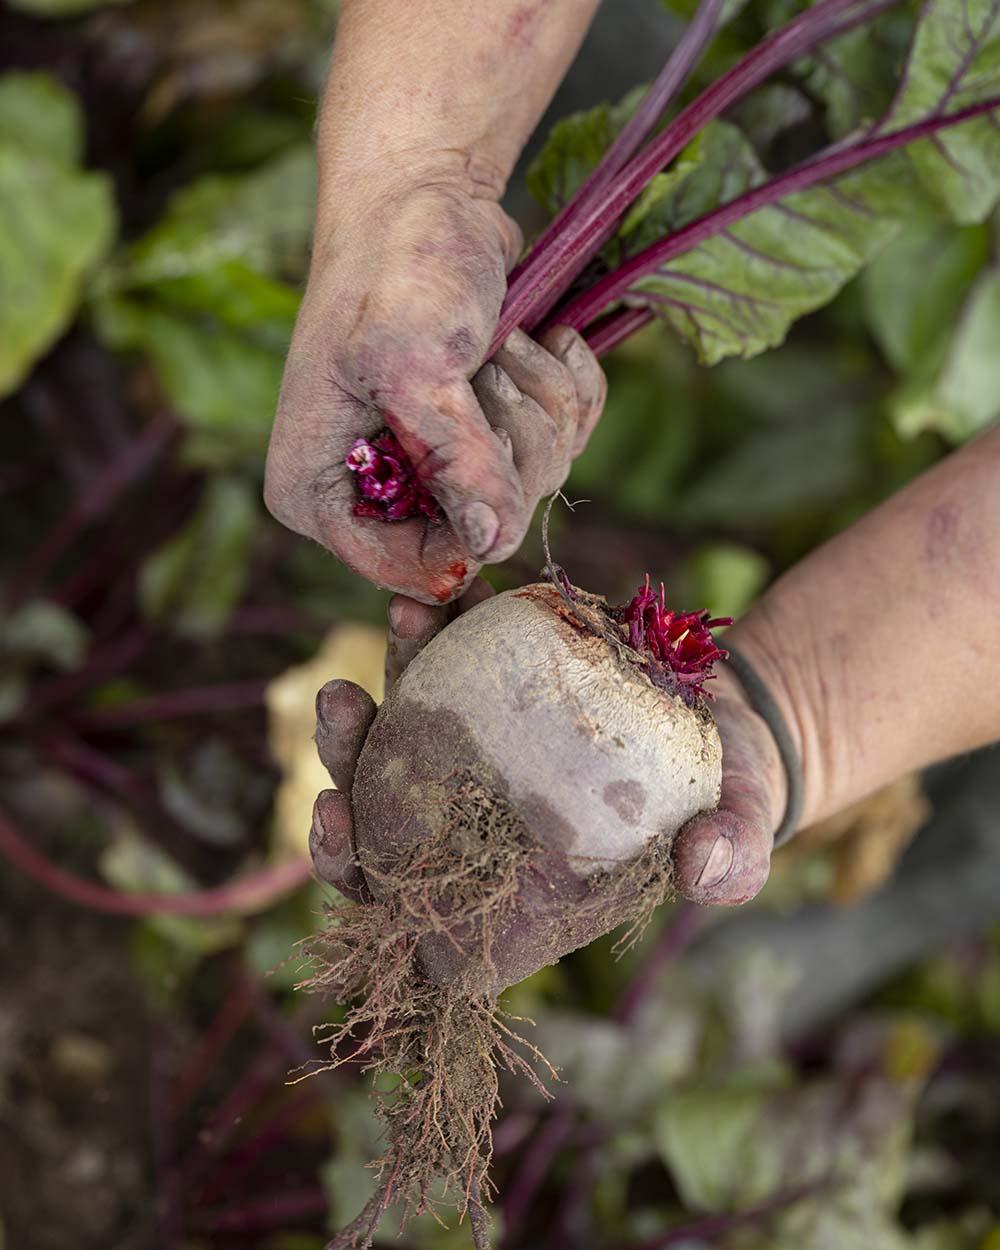 Eine Landwirtin bricht die Stengel von der Rote Bete ab.